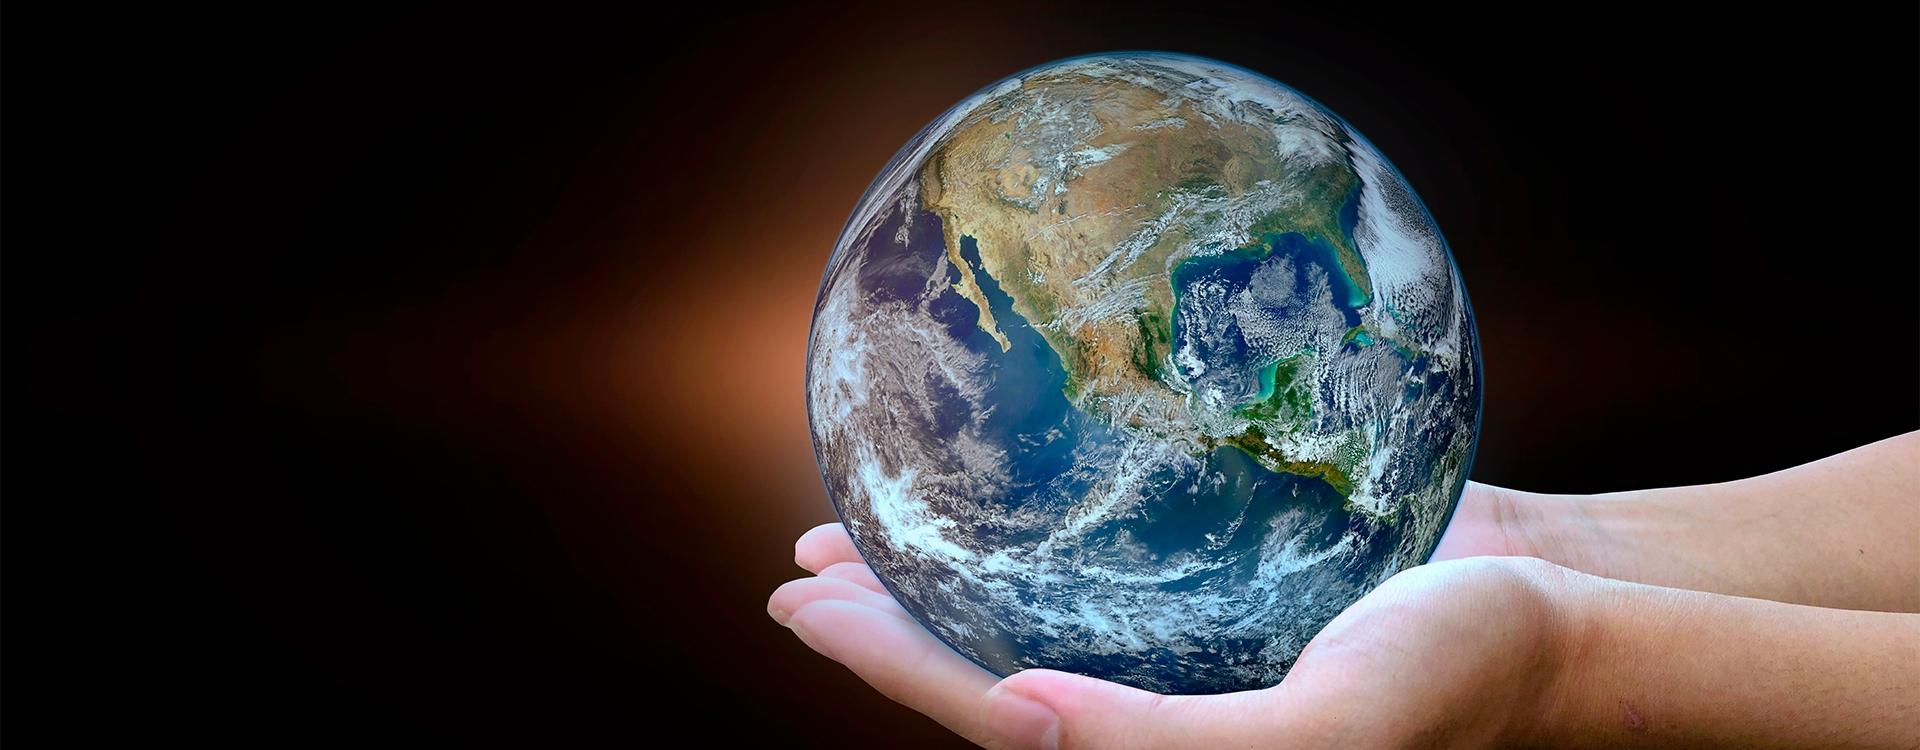 La Terre est-elle unique ?